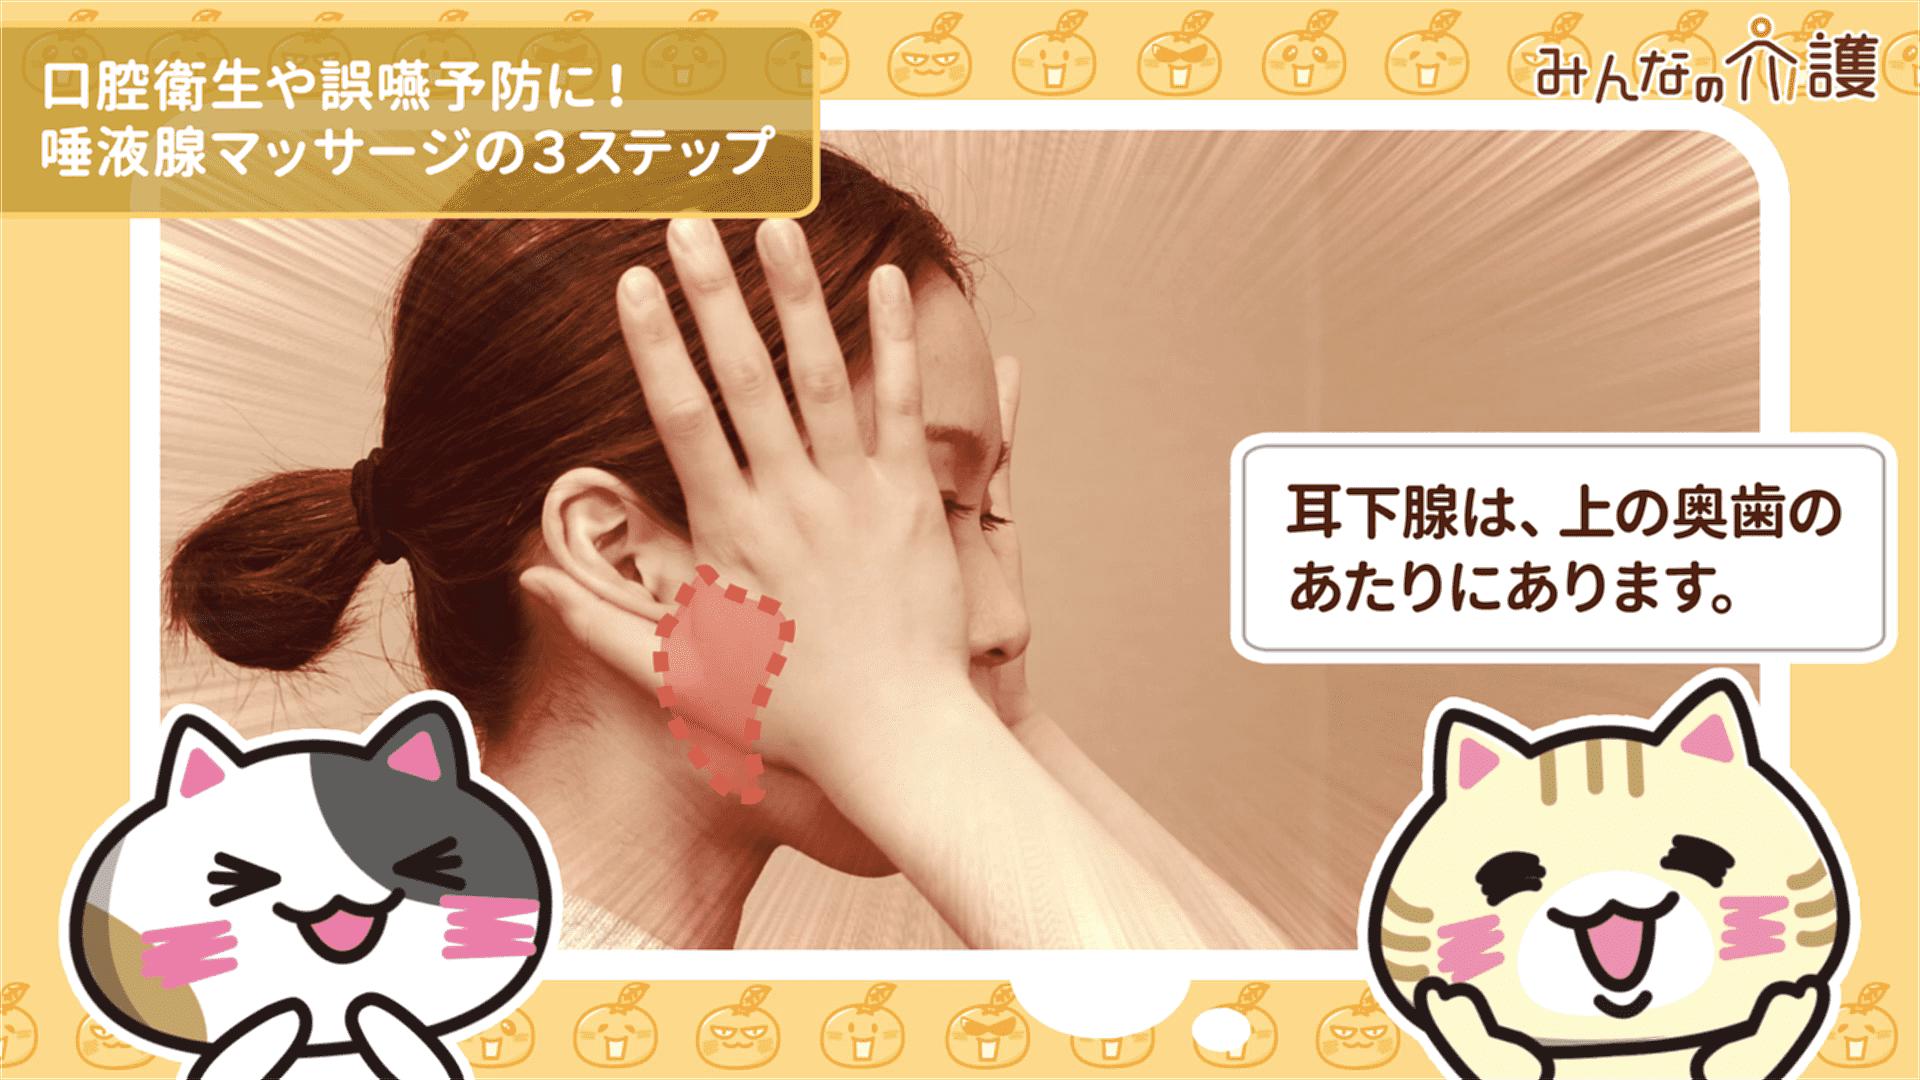 耳下腺の位置のイメージ